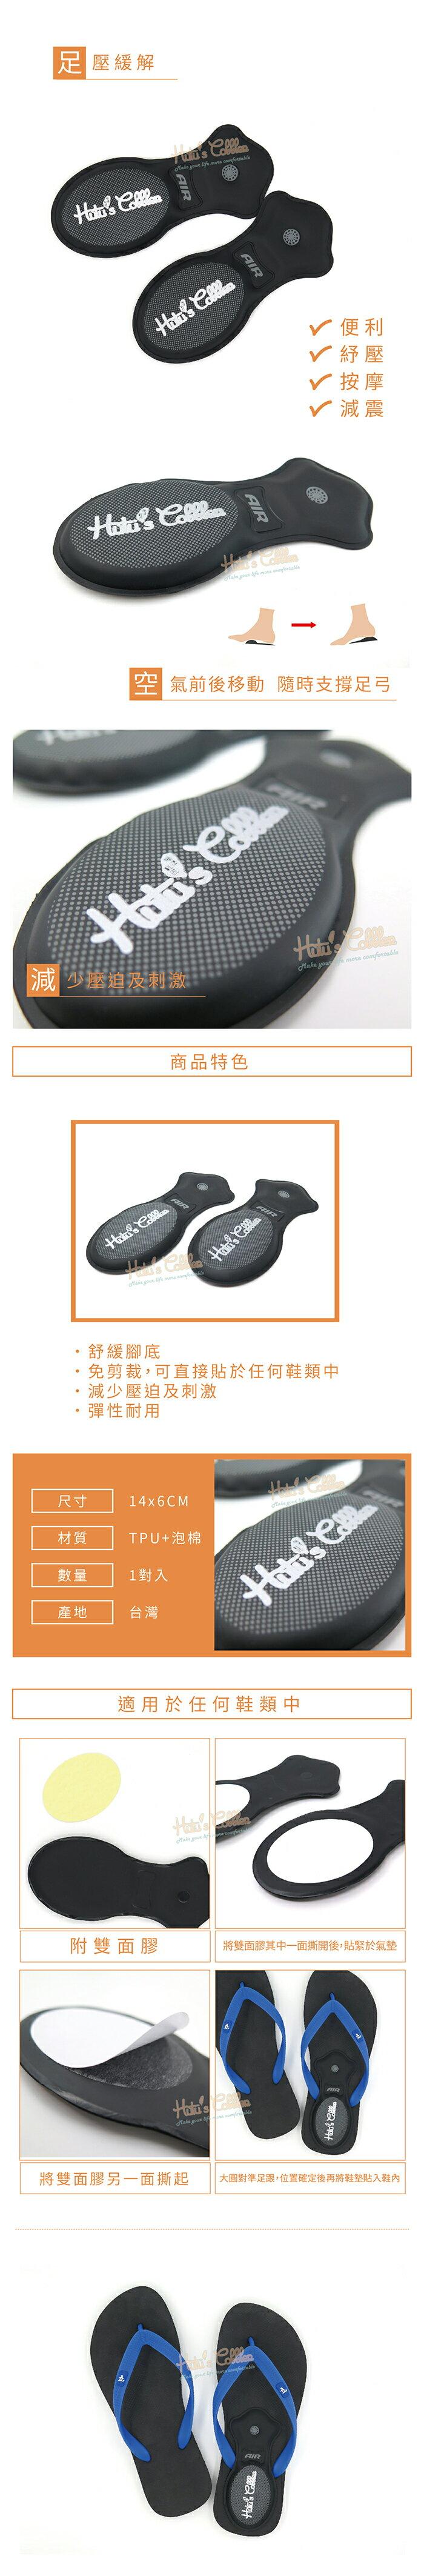 ○糊塗鞋匠○ 優質鞋材 E21 氣墊後跟墊 足壓緩解 彈性耐用 1